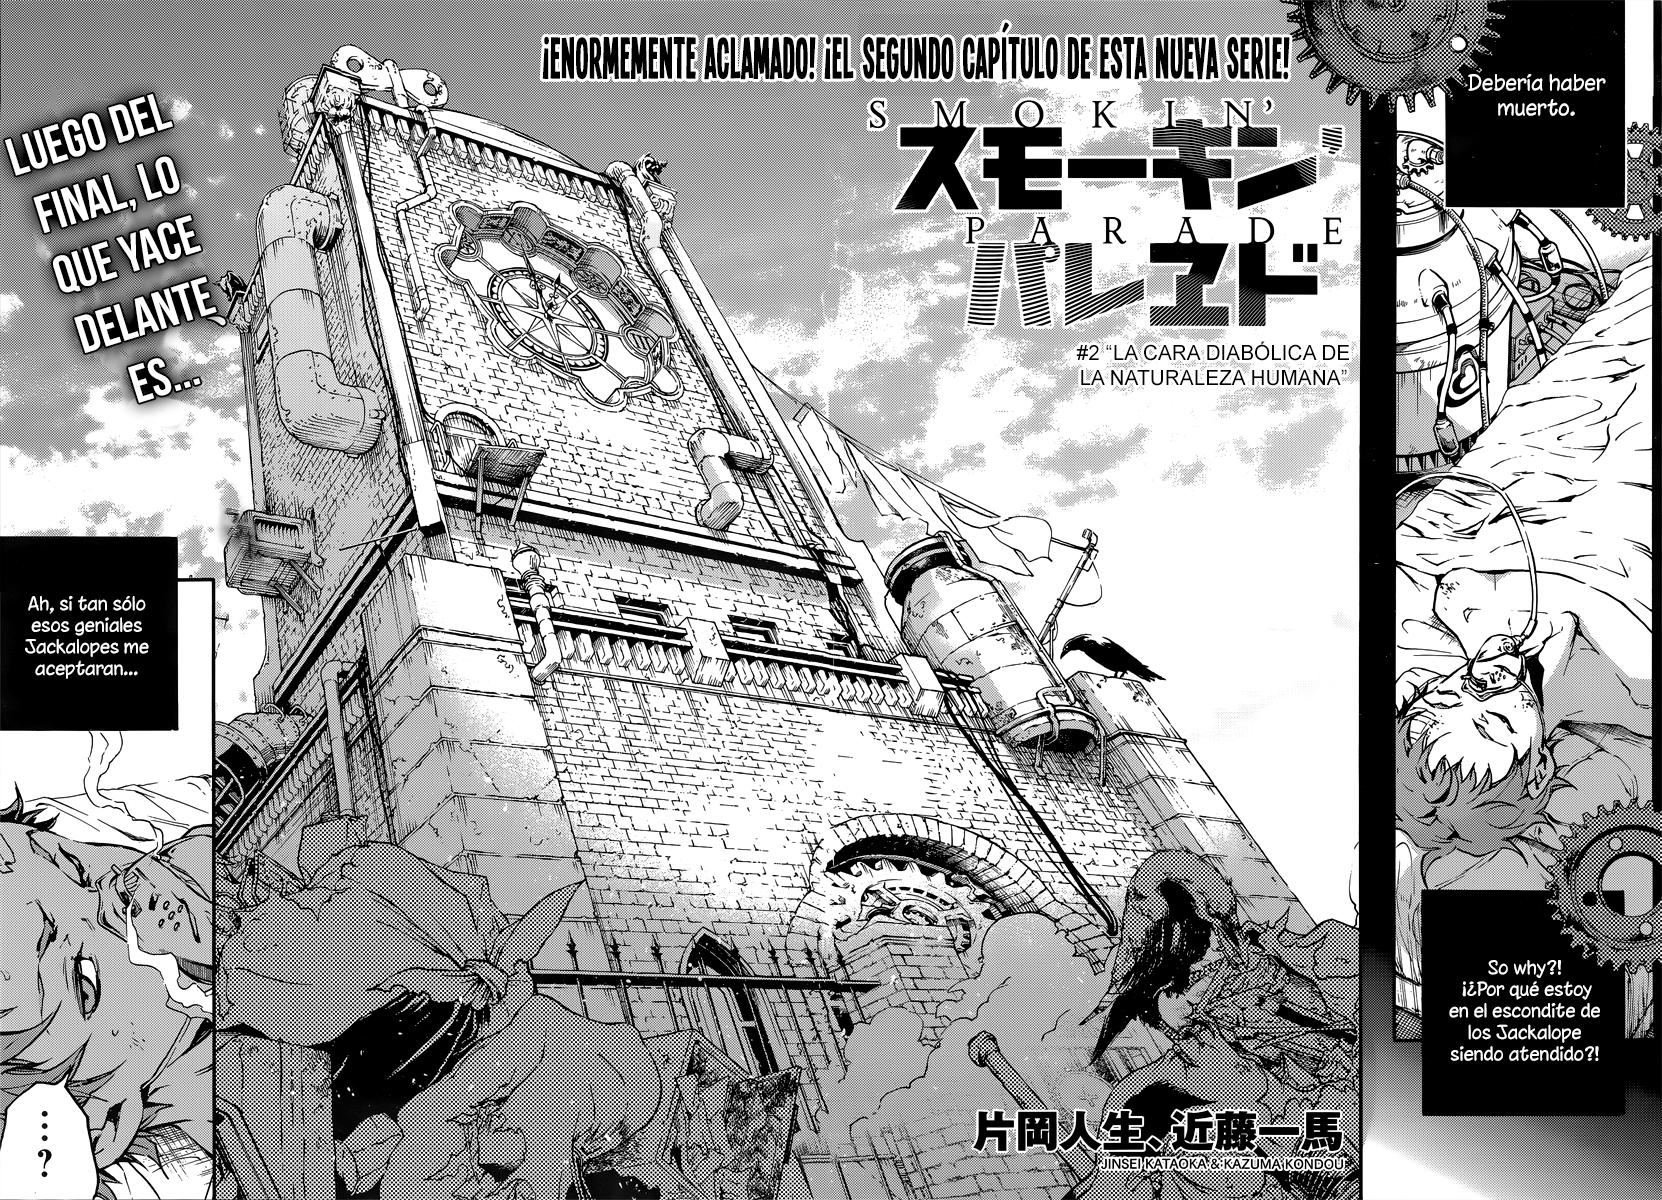 https://c5.ninemanga.com/es_manga/28/18972/440060/e12612acc5951b13ed502266385b8108.jpg Page 3